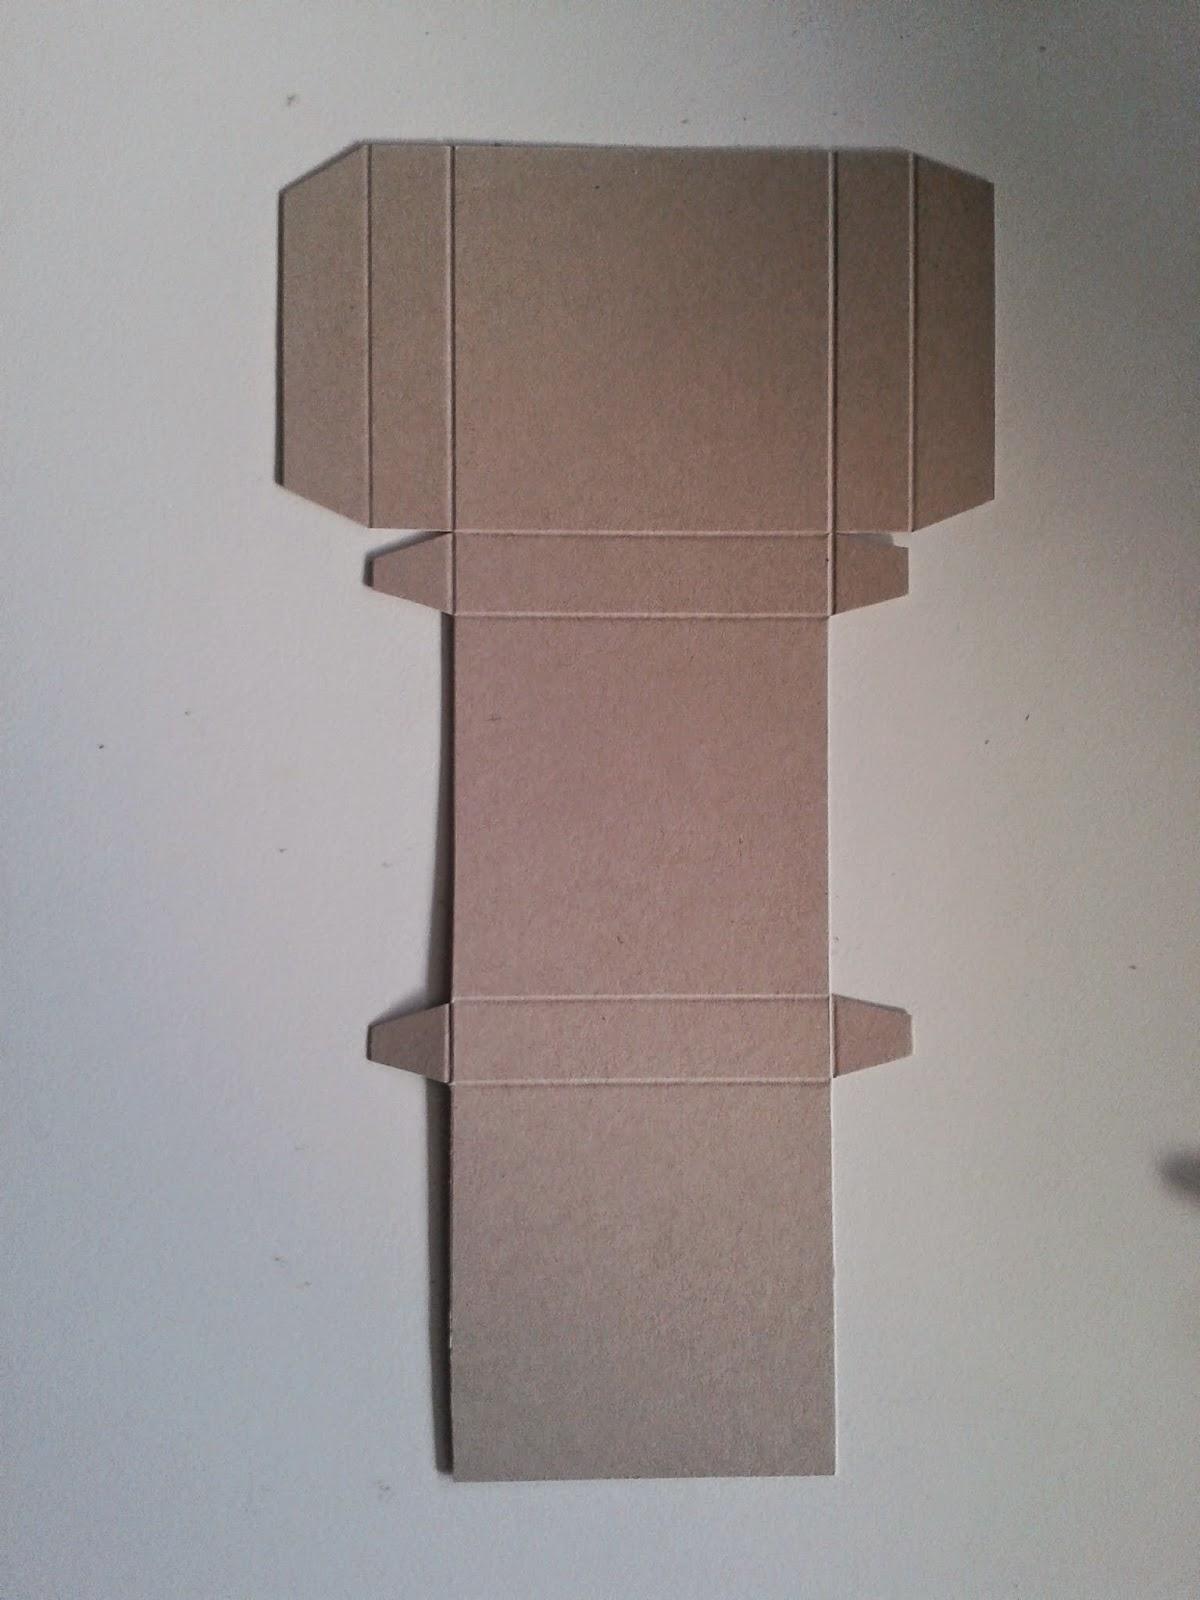 herzwerk anleitung der box ohne kleben. Black Bedroom Furniture Sets. Home Design Ideas